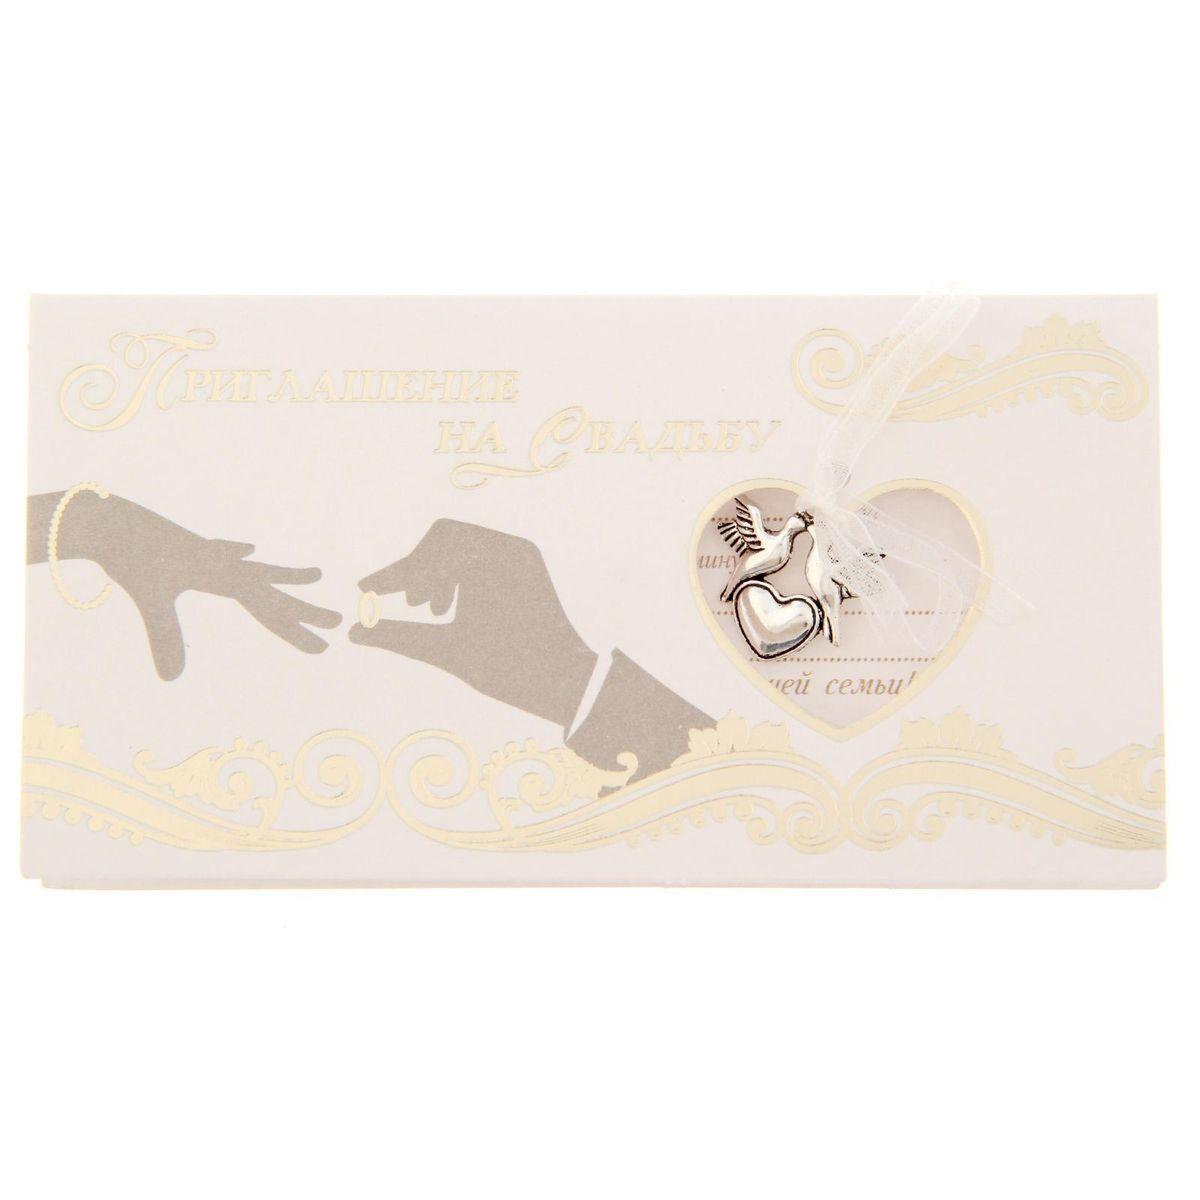 Приглашение на свадьбу Sima-land Руки, 13 х 7 см1178001Свадьба - одно из главных событий в жизни каждого человека. Для идеального торжества необходимо продумать каждую мелочь. Родным и близким будет приятно получить индивидуальную красивую открытку с эксклюзивным дизайном. Приглашение Sima-land Руки, выполненное в форме горизонтальной открытки, декорировано подвеской из металла с бантом. Внутри располагается текст приглашения, свободные поля для имени получателя, времени, даты и адреса проведения мероприятия. Заполните необходимые строки и раздайте приглашение гостям. Устройте незабываемую свадьбу с приглашением Sima-land Руки!